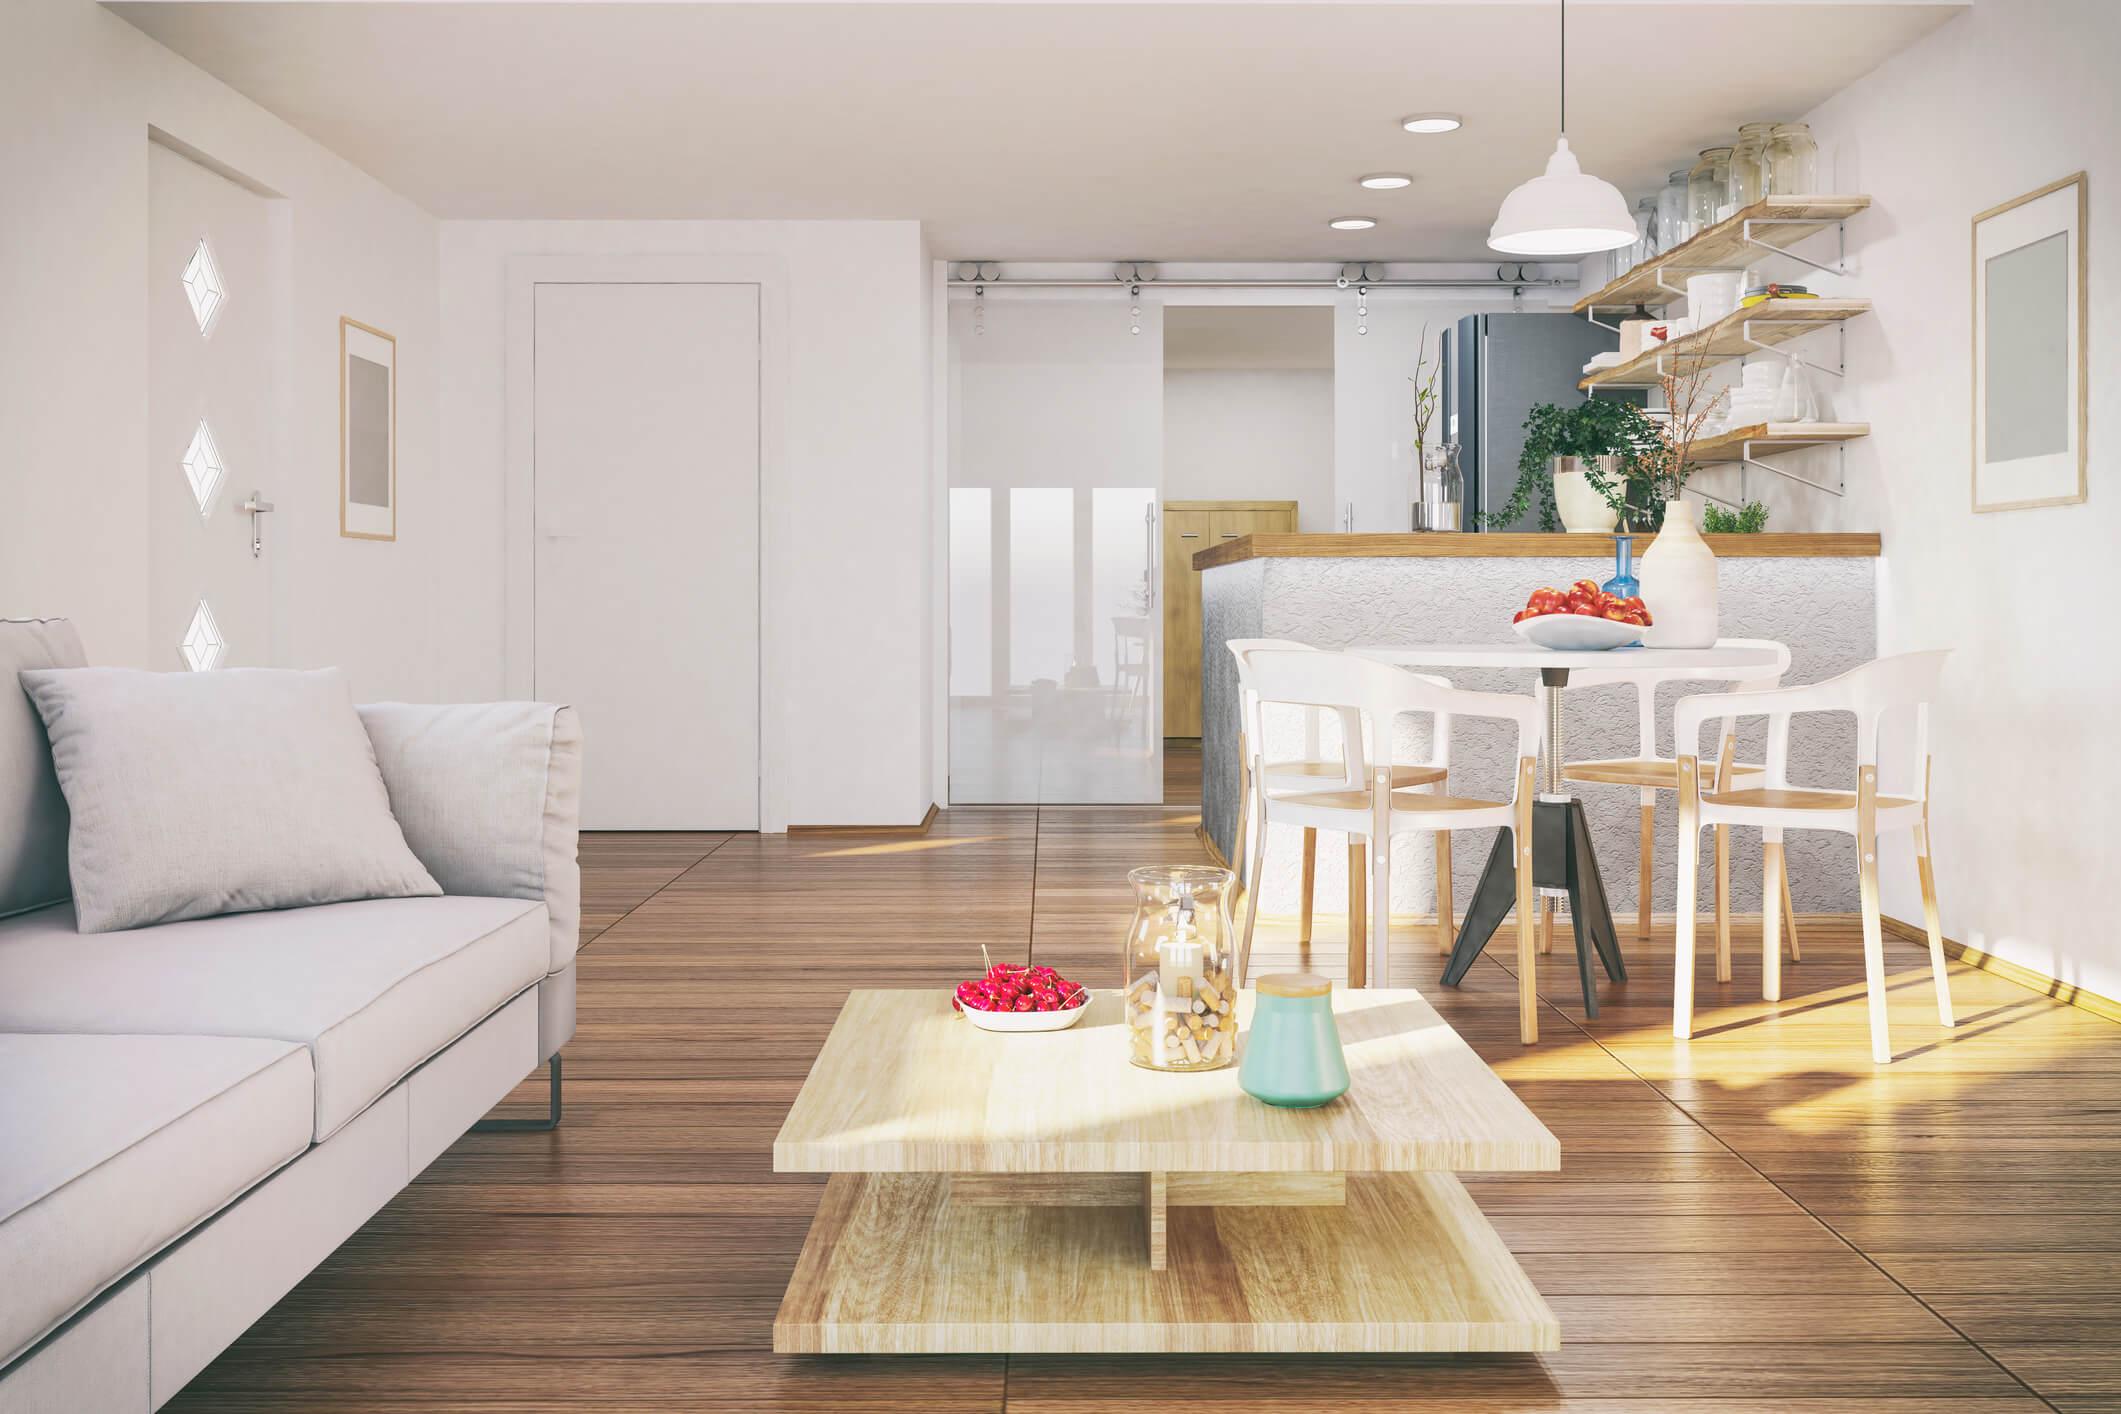 apartamento pequeno integrado